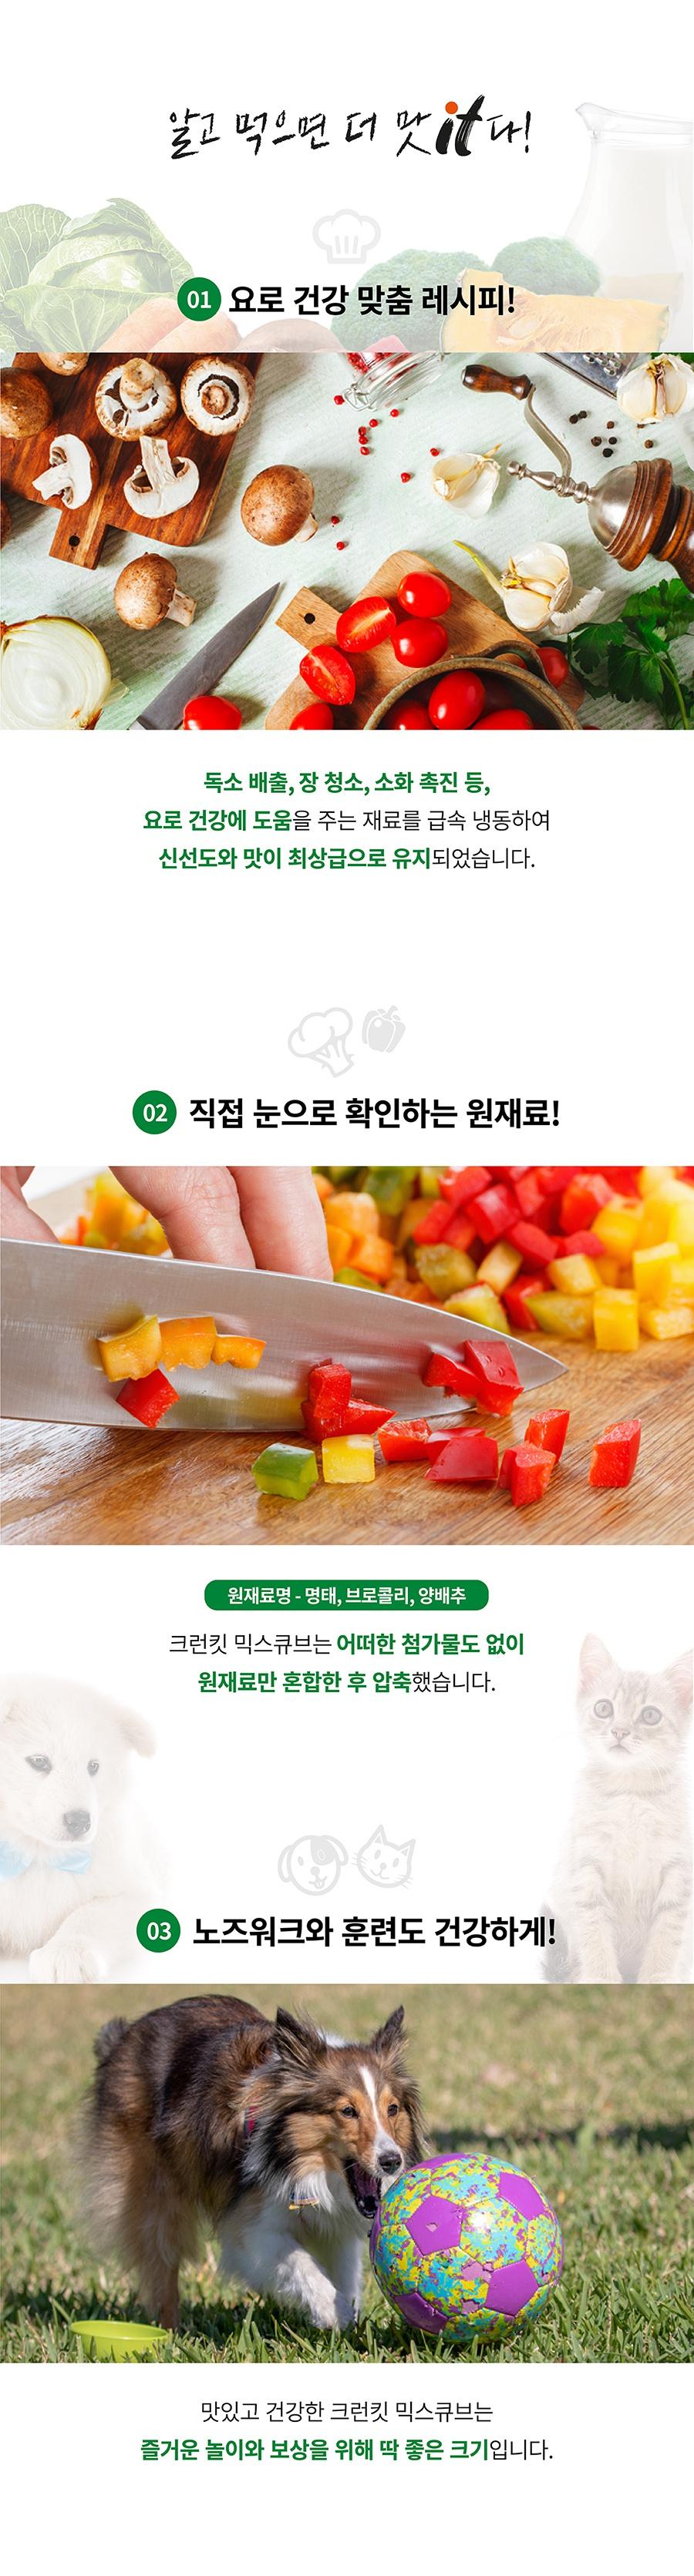 it 크런킷 믹스큐브 요로-상품이미지-5